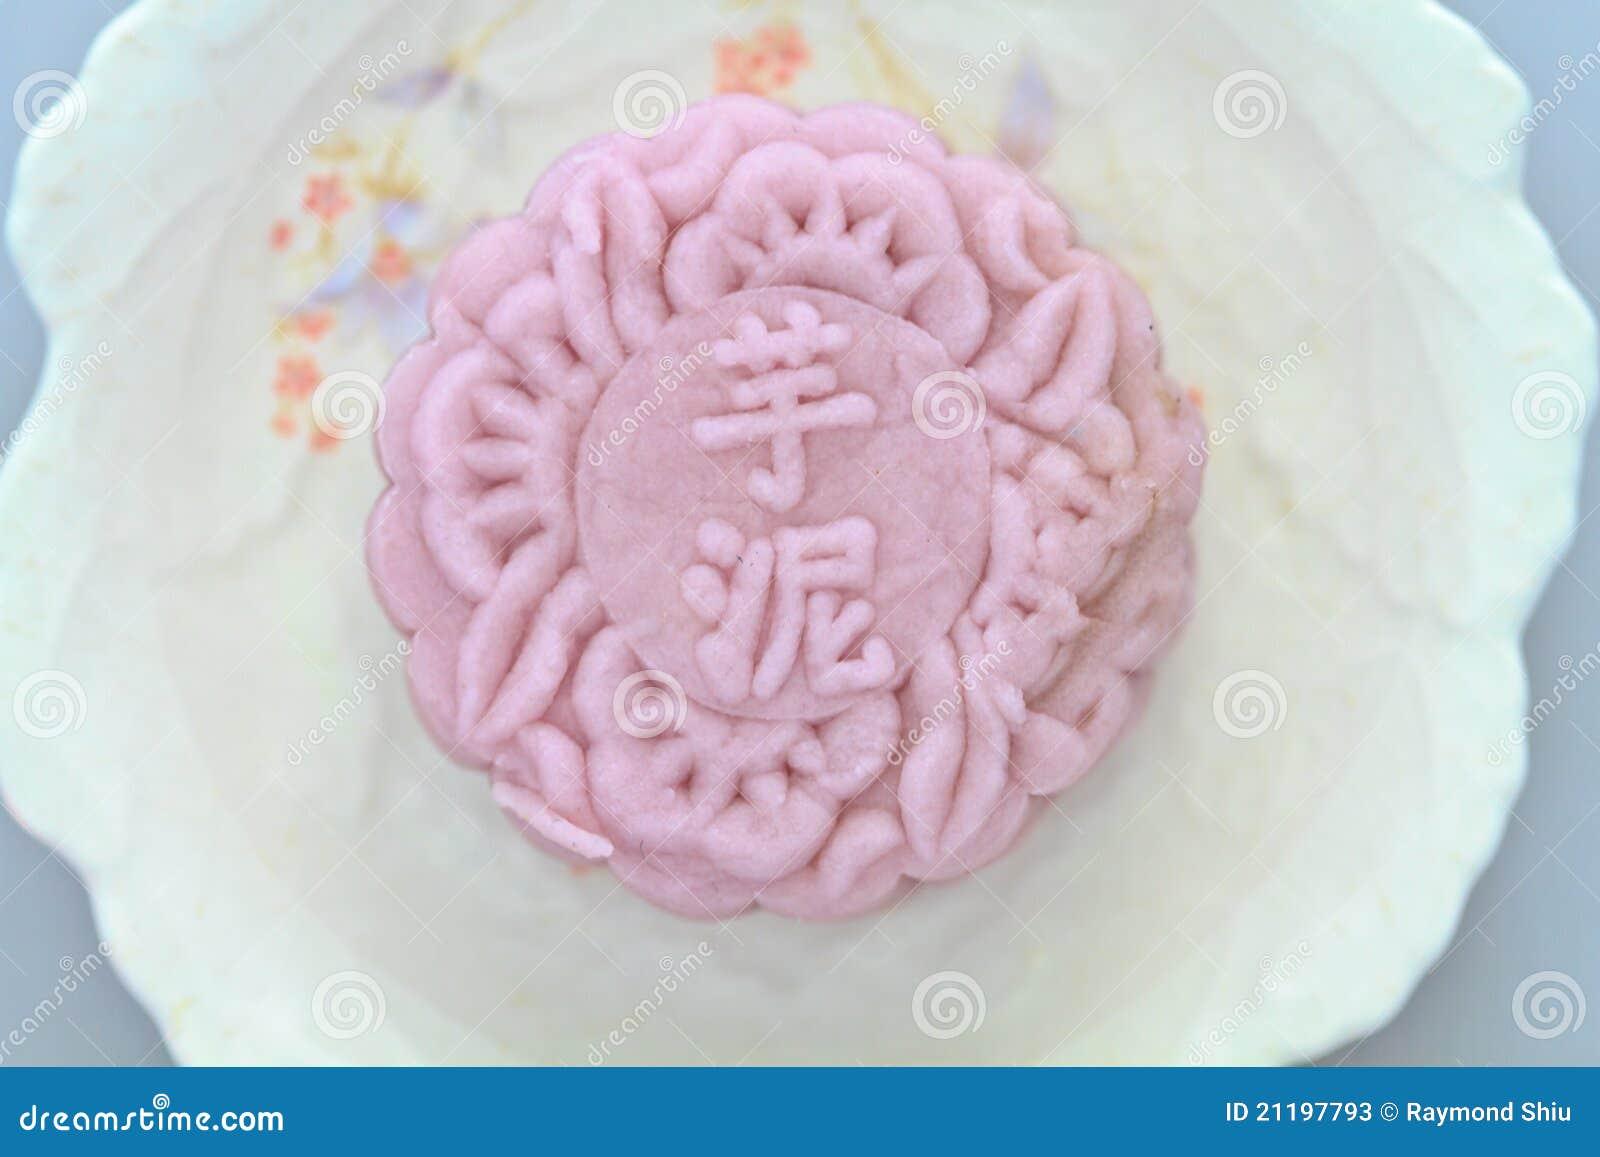 Yam Mooncake